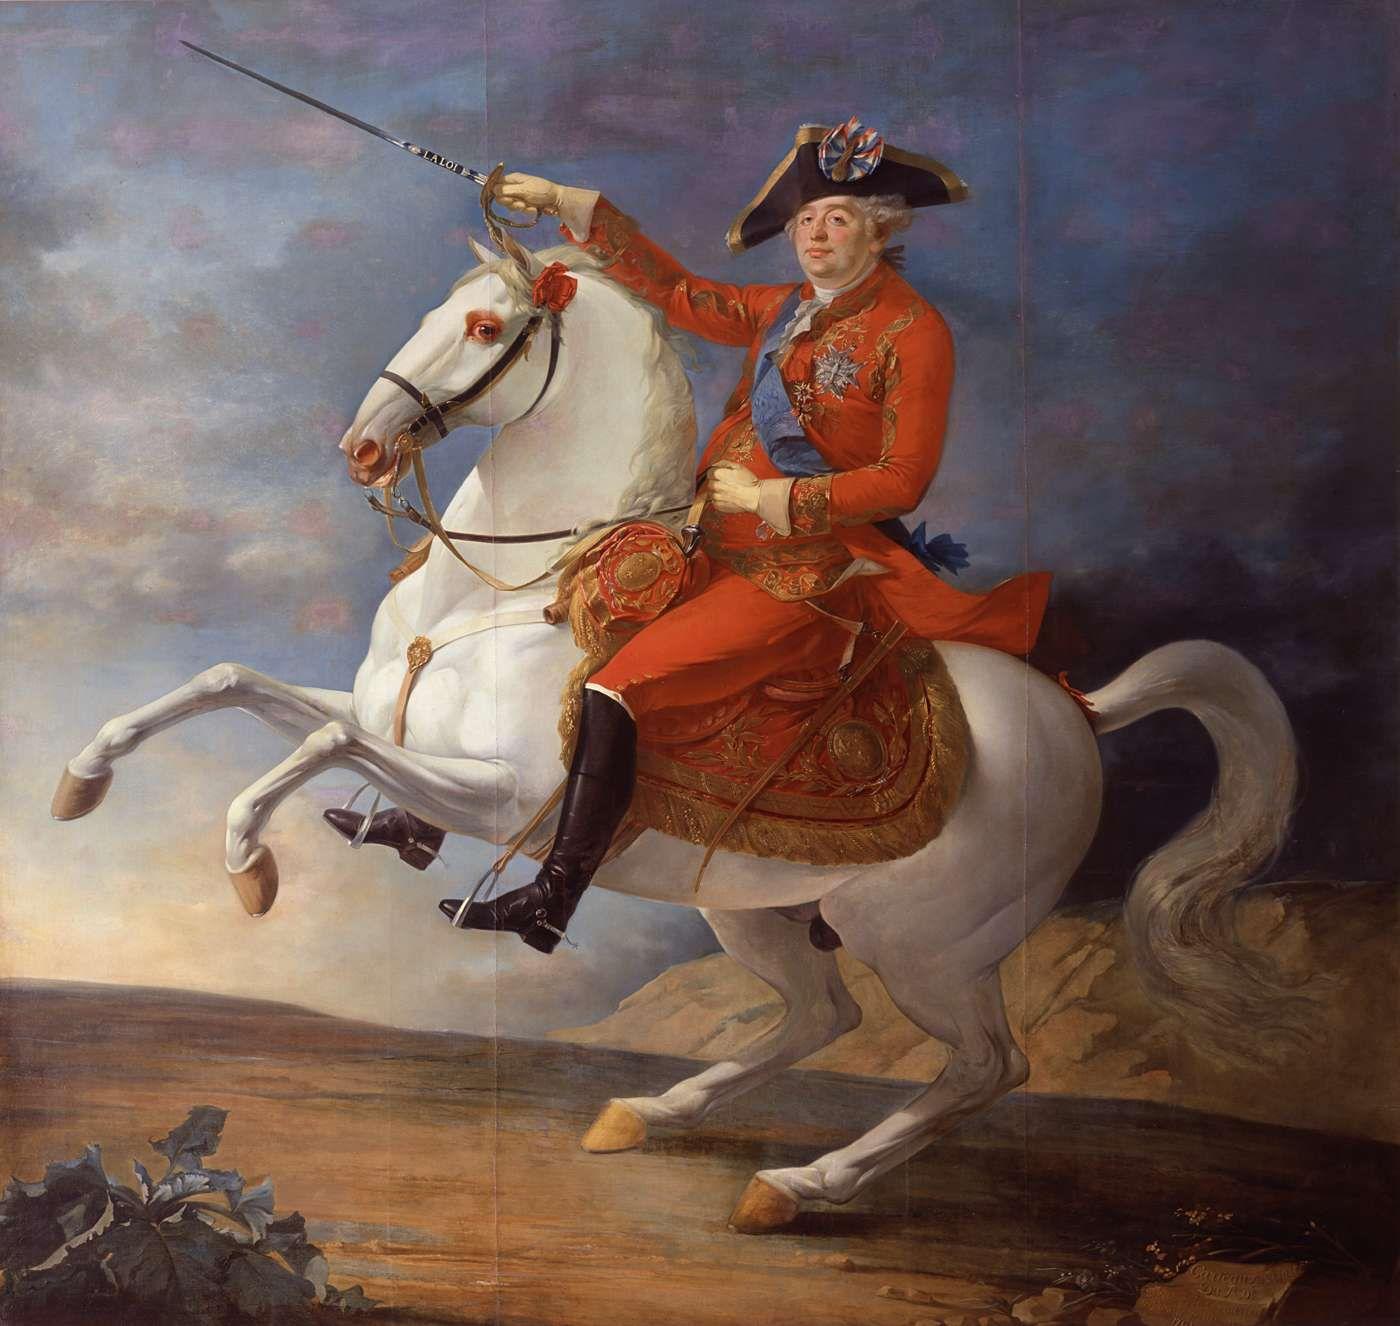 Louis XVI en roi citoyen | Histoire et analyse d'images et oeuvres | Louis  xvi, Personnages historiques, Roi de france